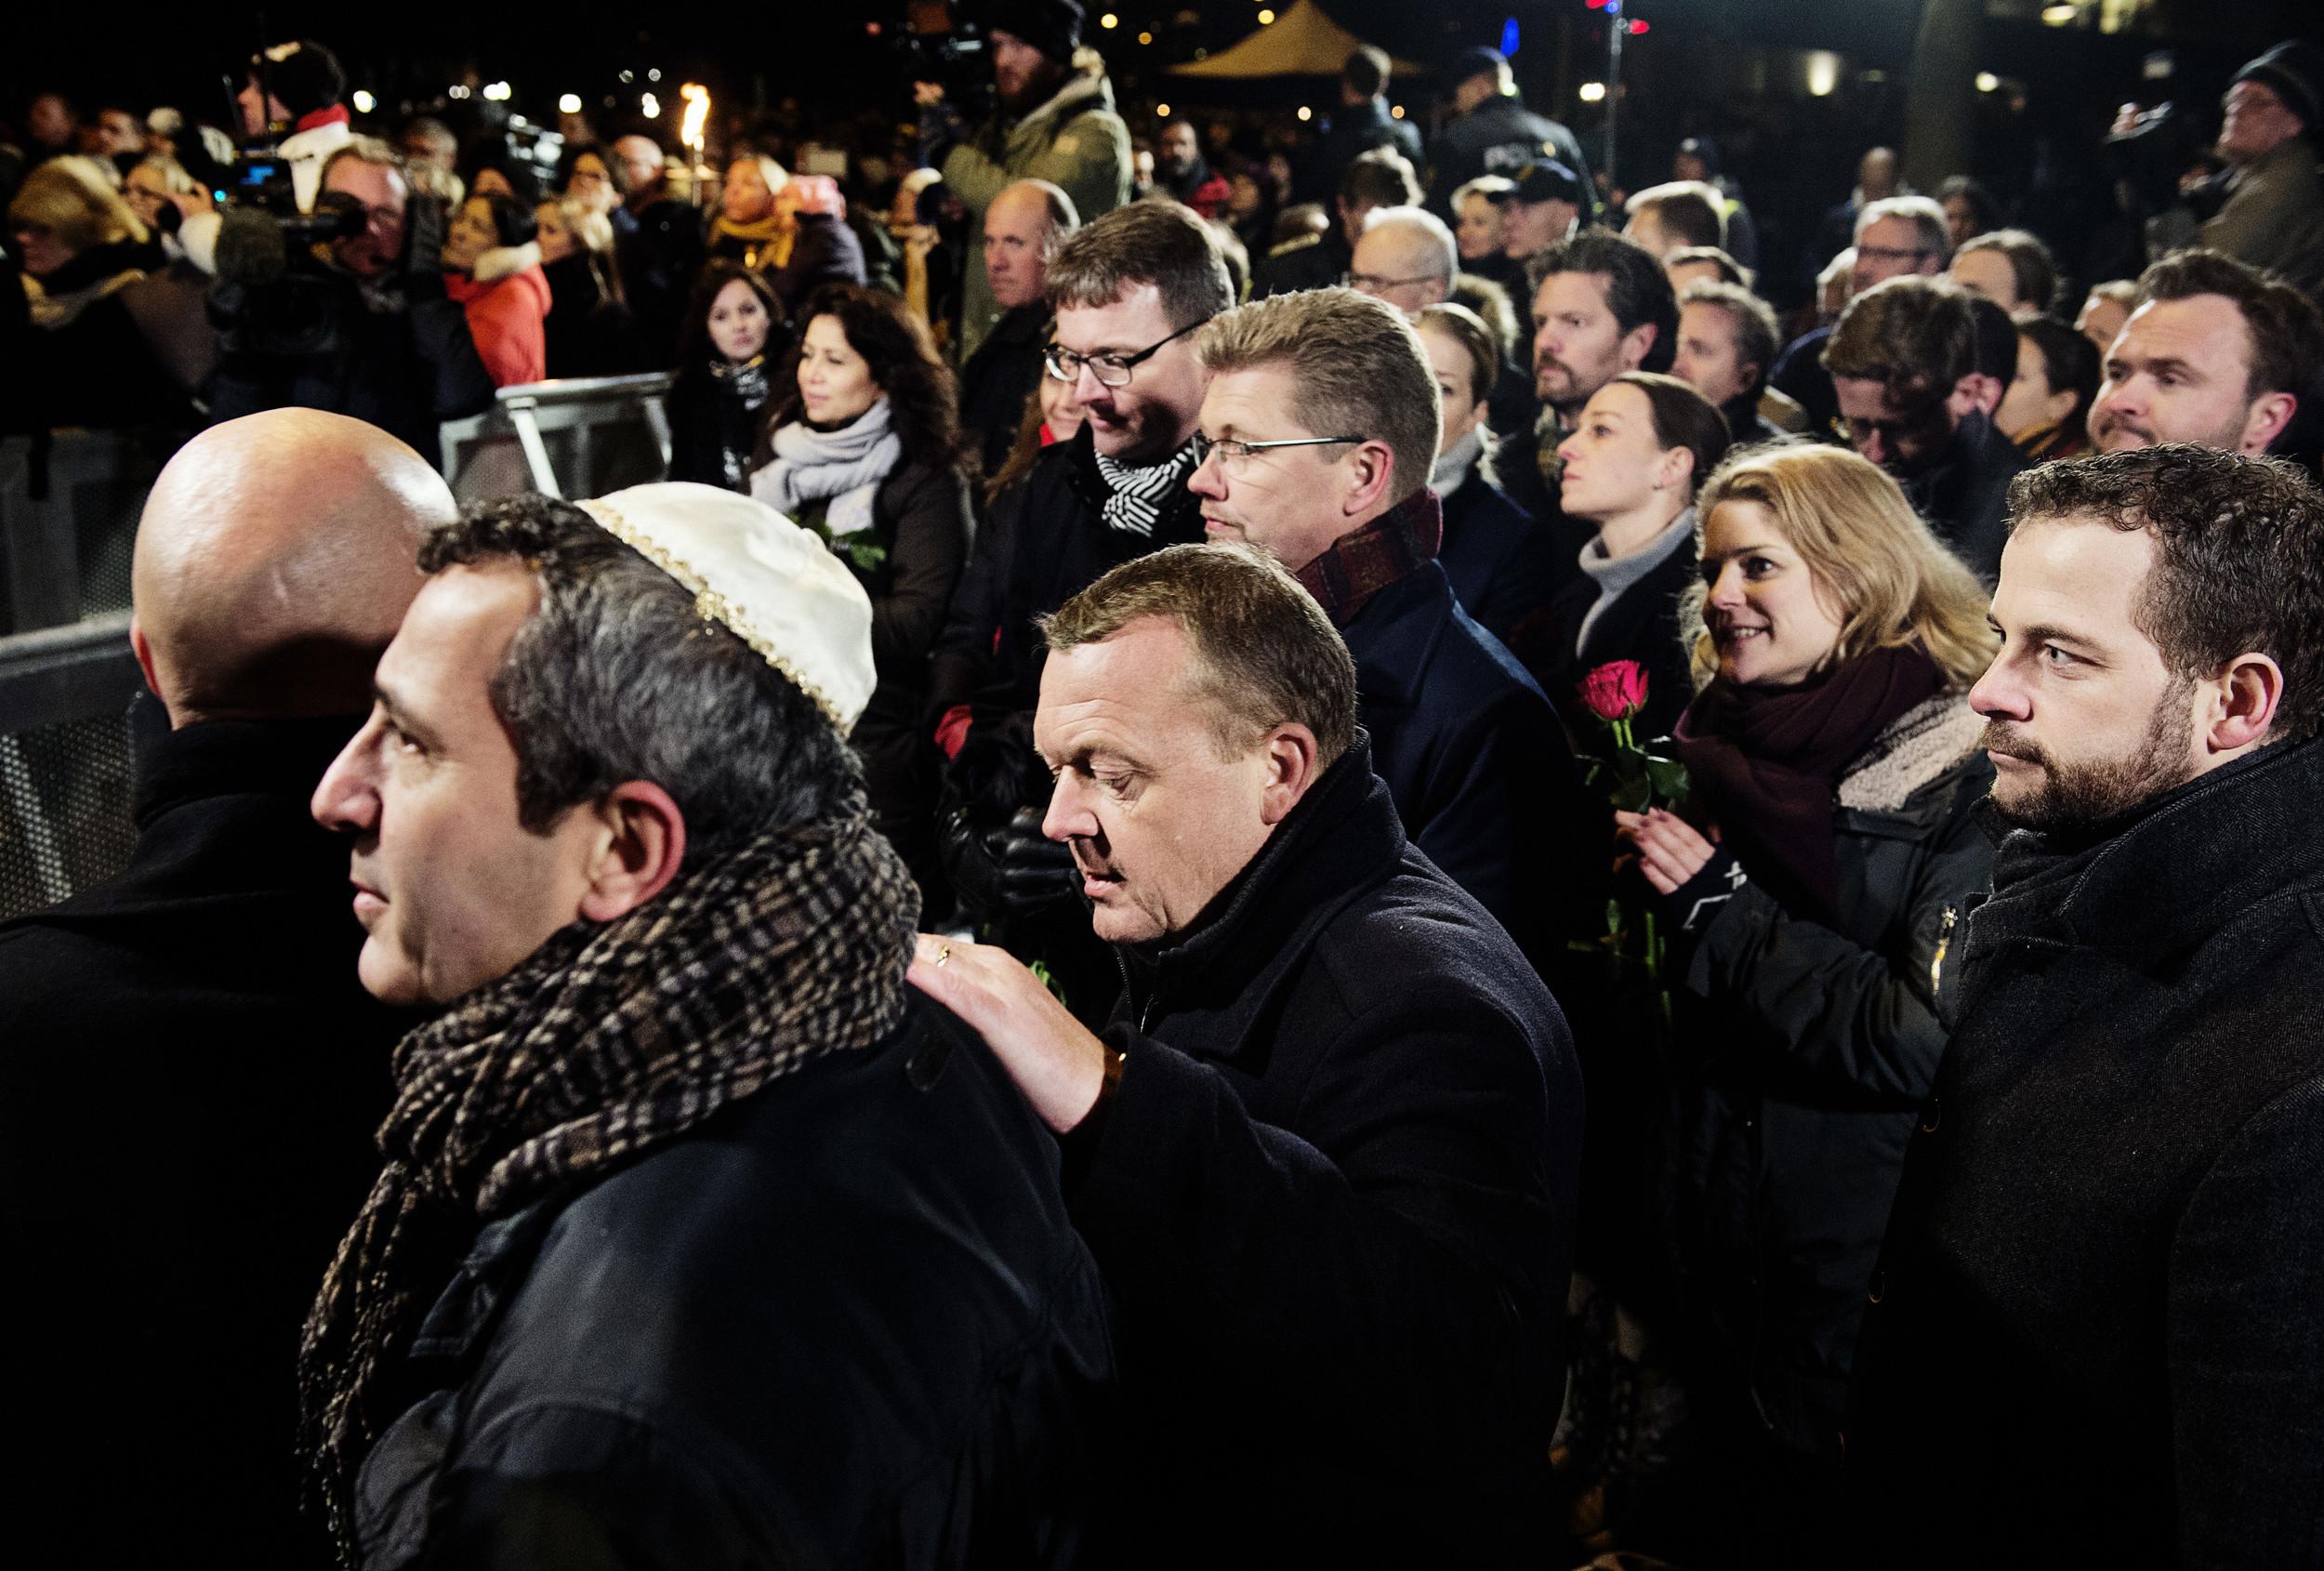 Mindehøjtidelighed for ofrene for terrorangrebet ved Krudttønden og i Krystalgade